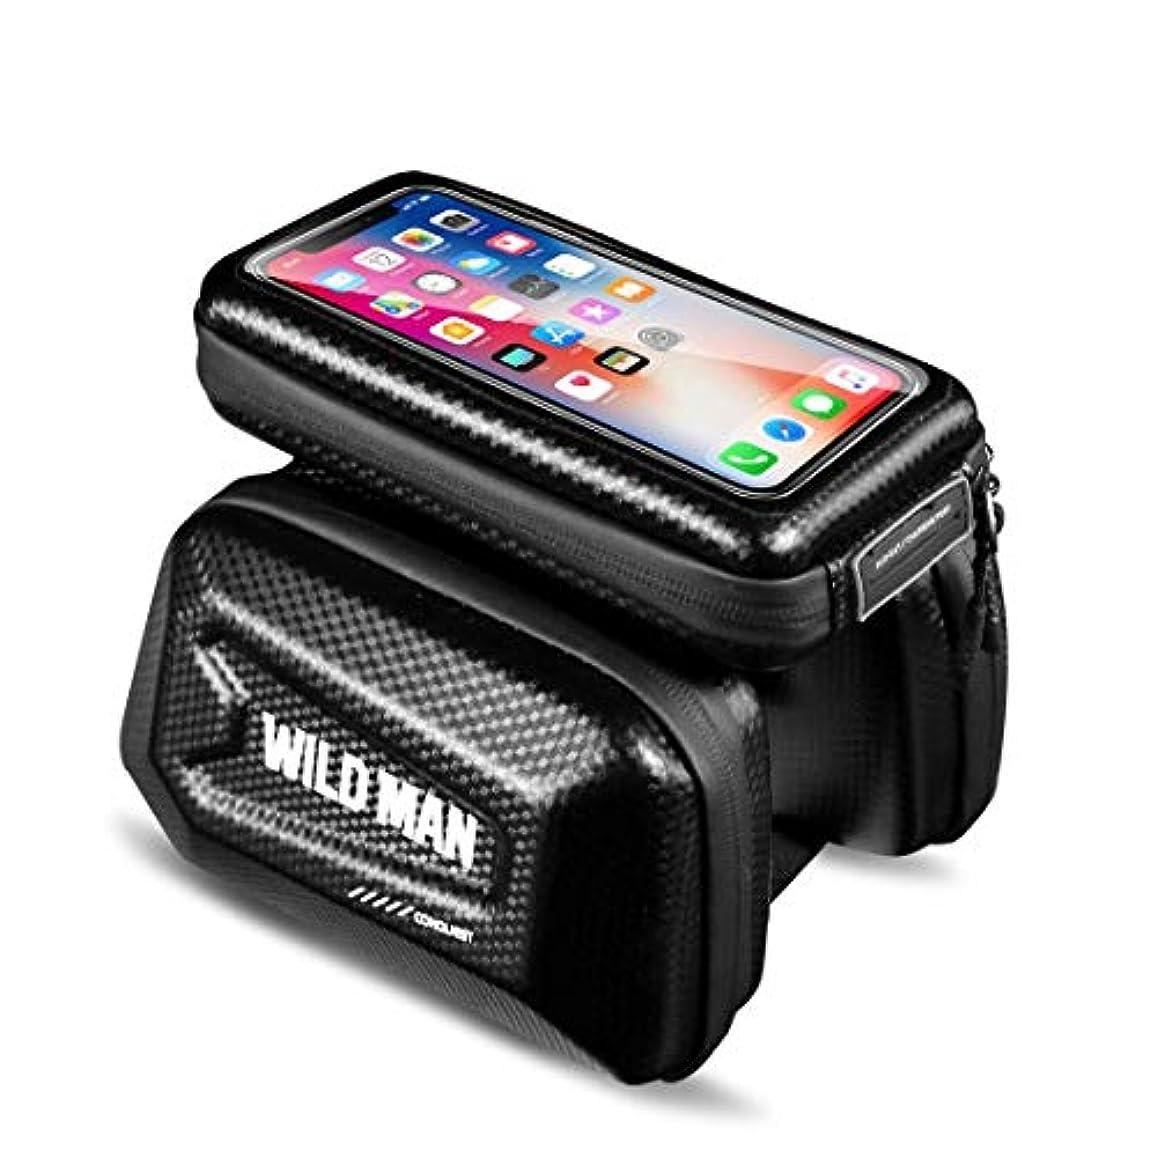 エンターテインメント反発するタワーWILD MAN ハードシェル タッチスクリーン 自転車 フロントトップ チューブ バイクバッグ 携帯電話ホルダー付き 6.0インチ以下の携帯電話用